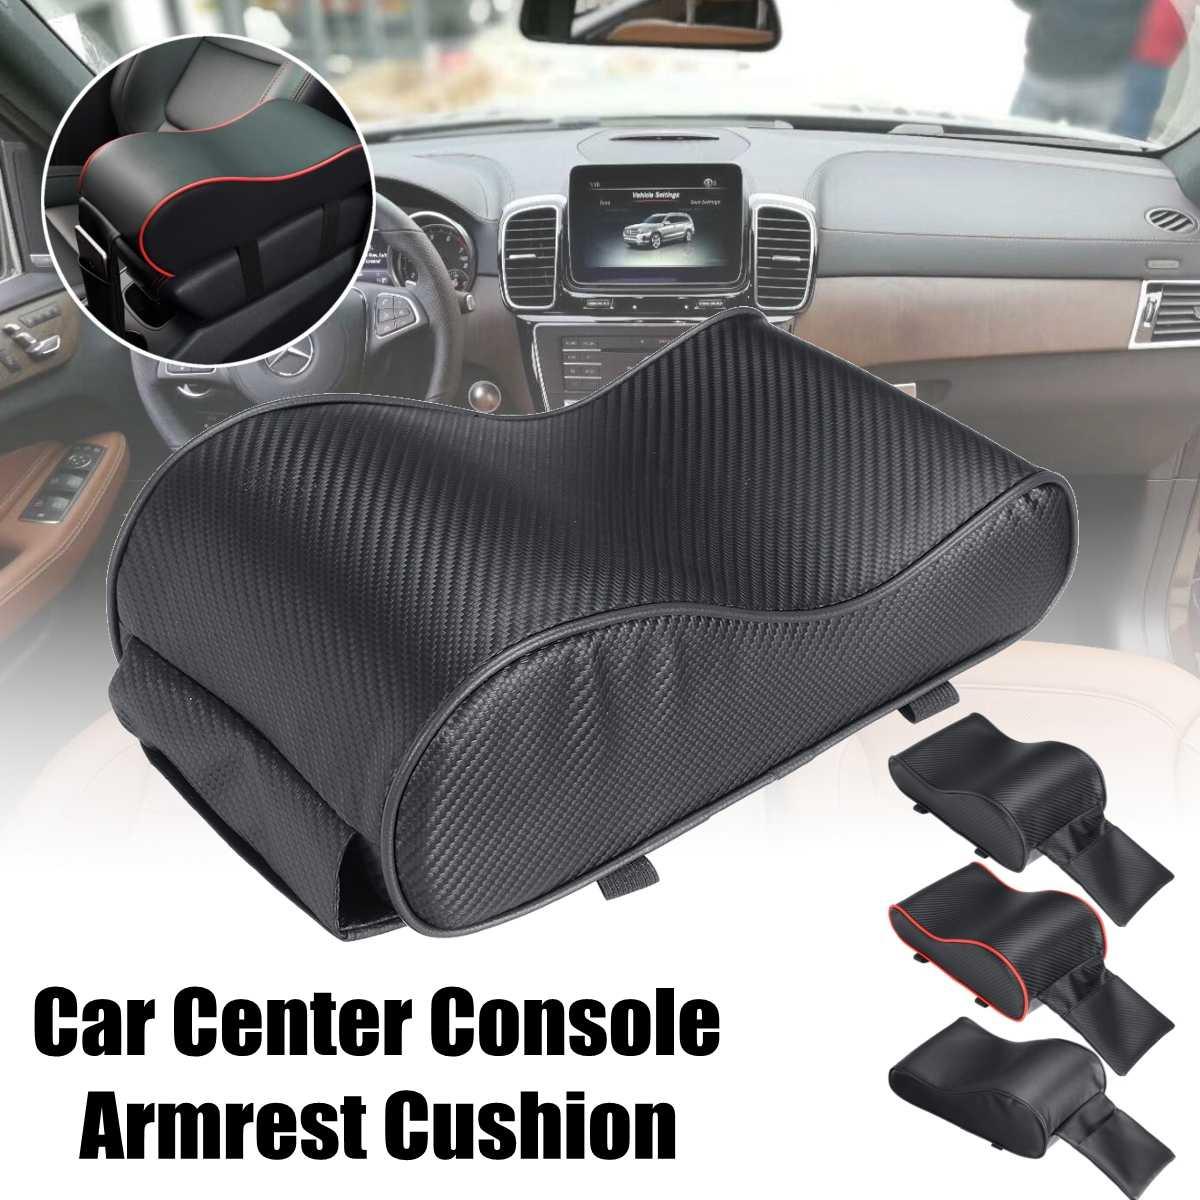 Universal almohadilla Reposabrazos de coche de cuero Reposabrazos de coche compartimento central para coche brazo resto asiento de vehículo coche de protección estilo